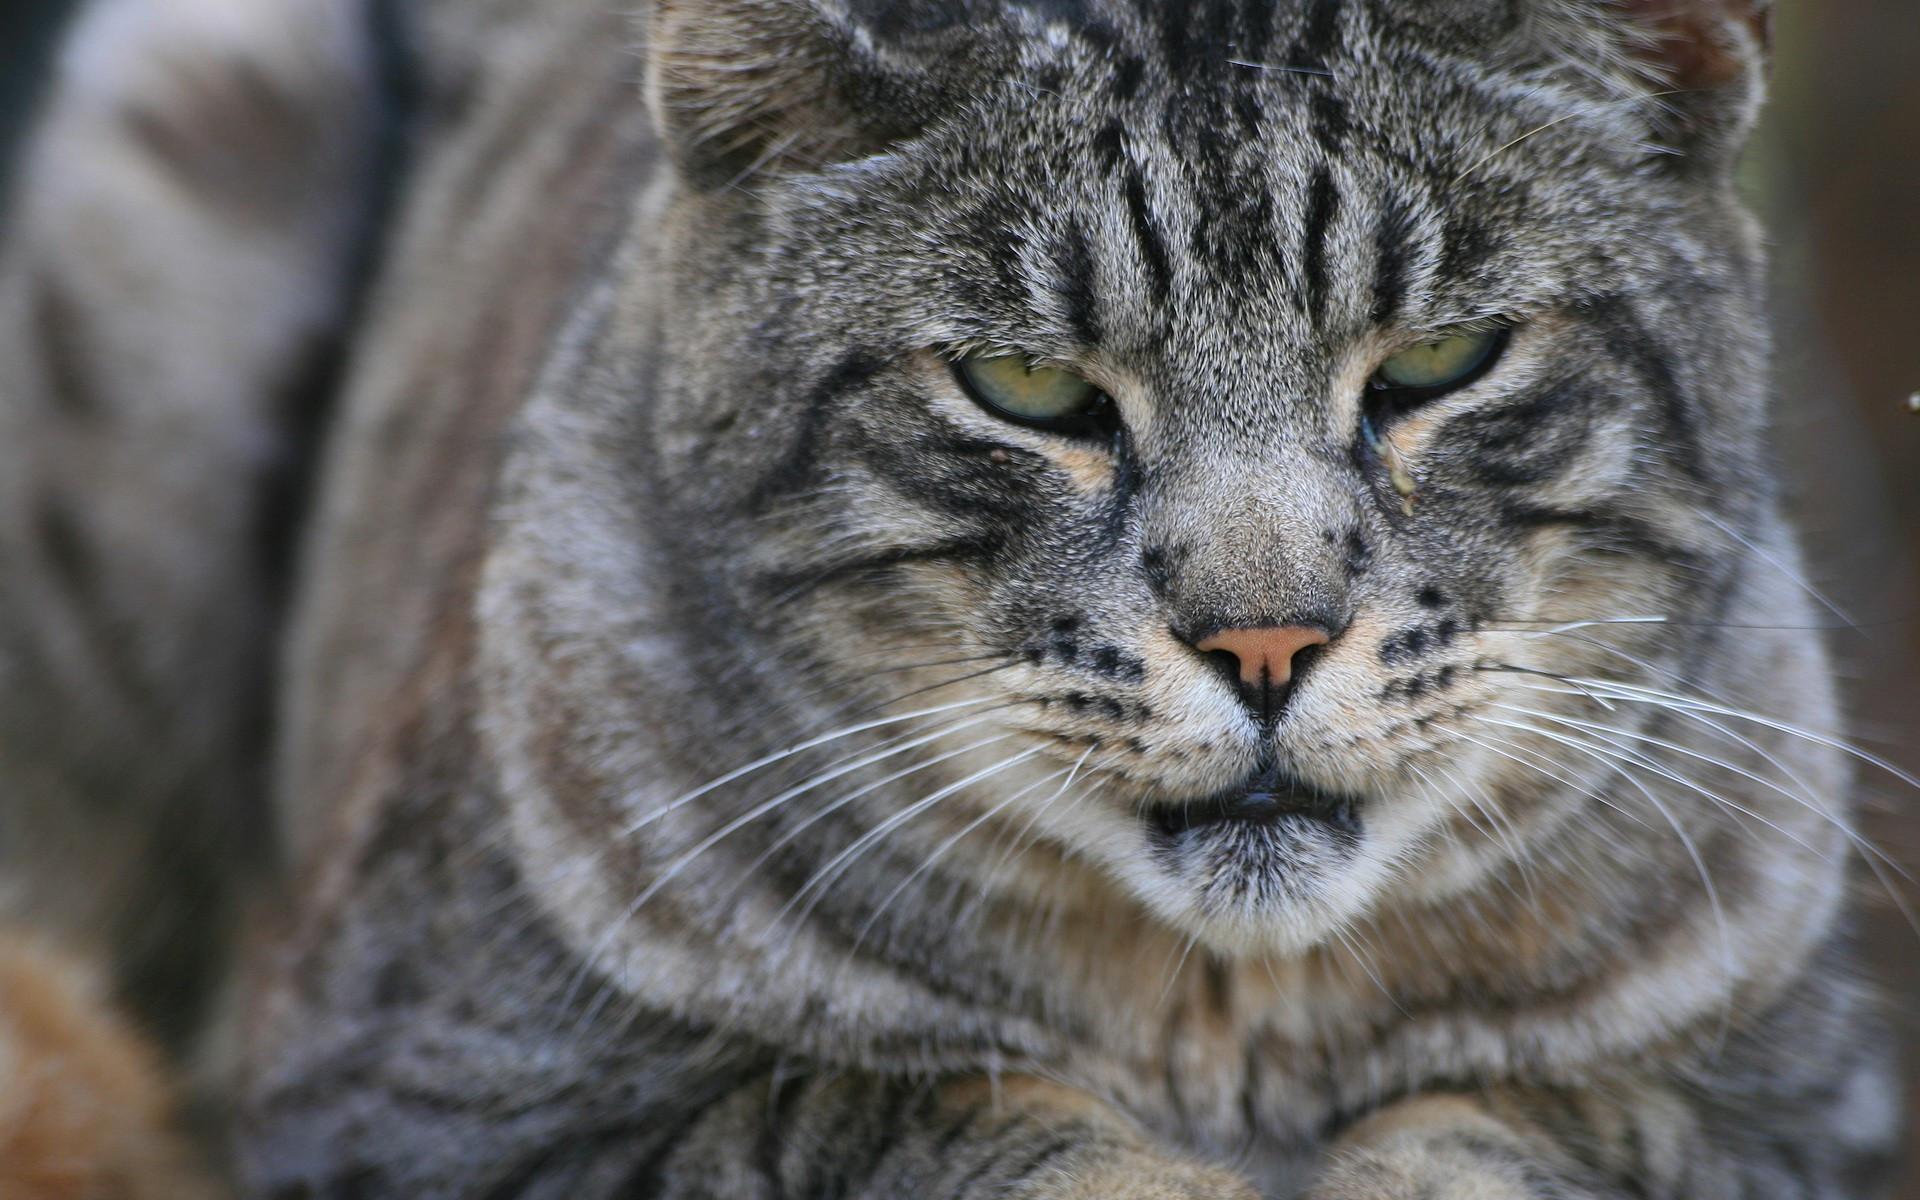 Πατήστε στην εικόνα για να τη δείτε σε μεγένθυνση  Όνομα:  -Nature-Cats-Fresh-New-Hd-Wallpaper--.jpg Εμφανίσεις:  157 Μέγεθος:  545,3 KB